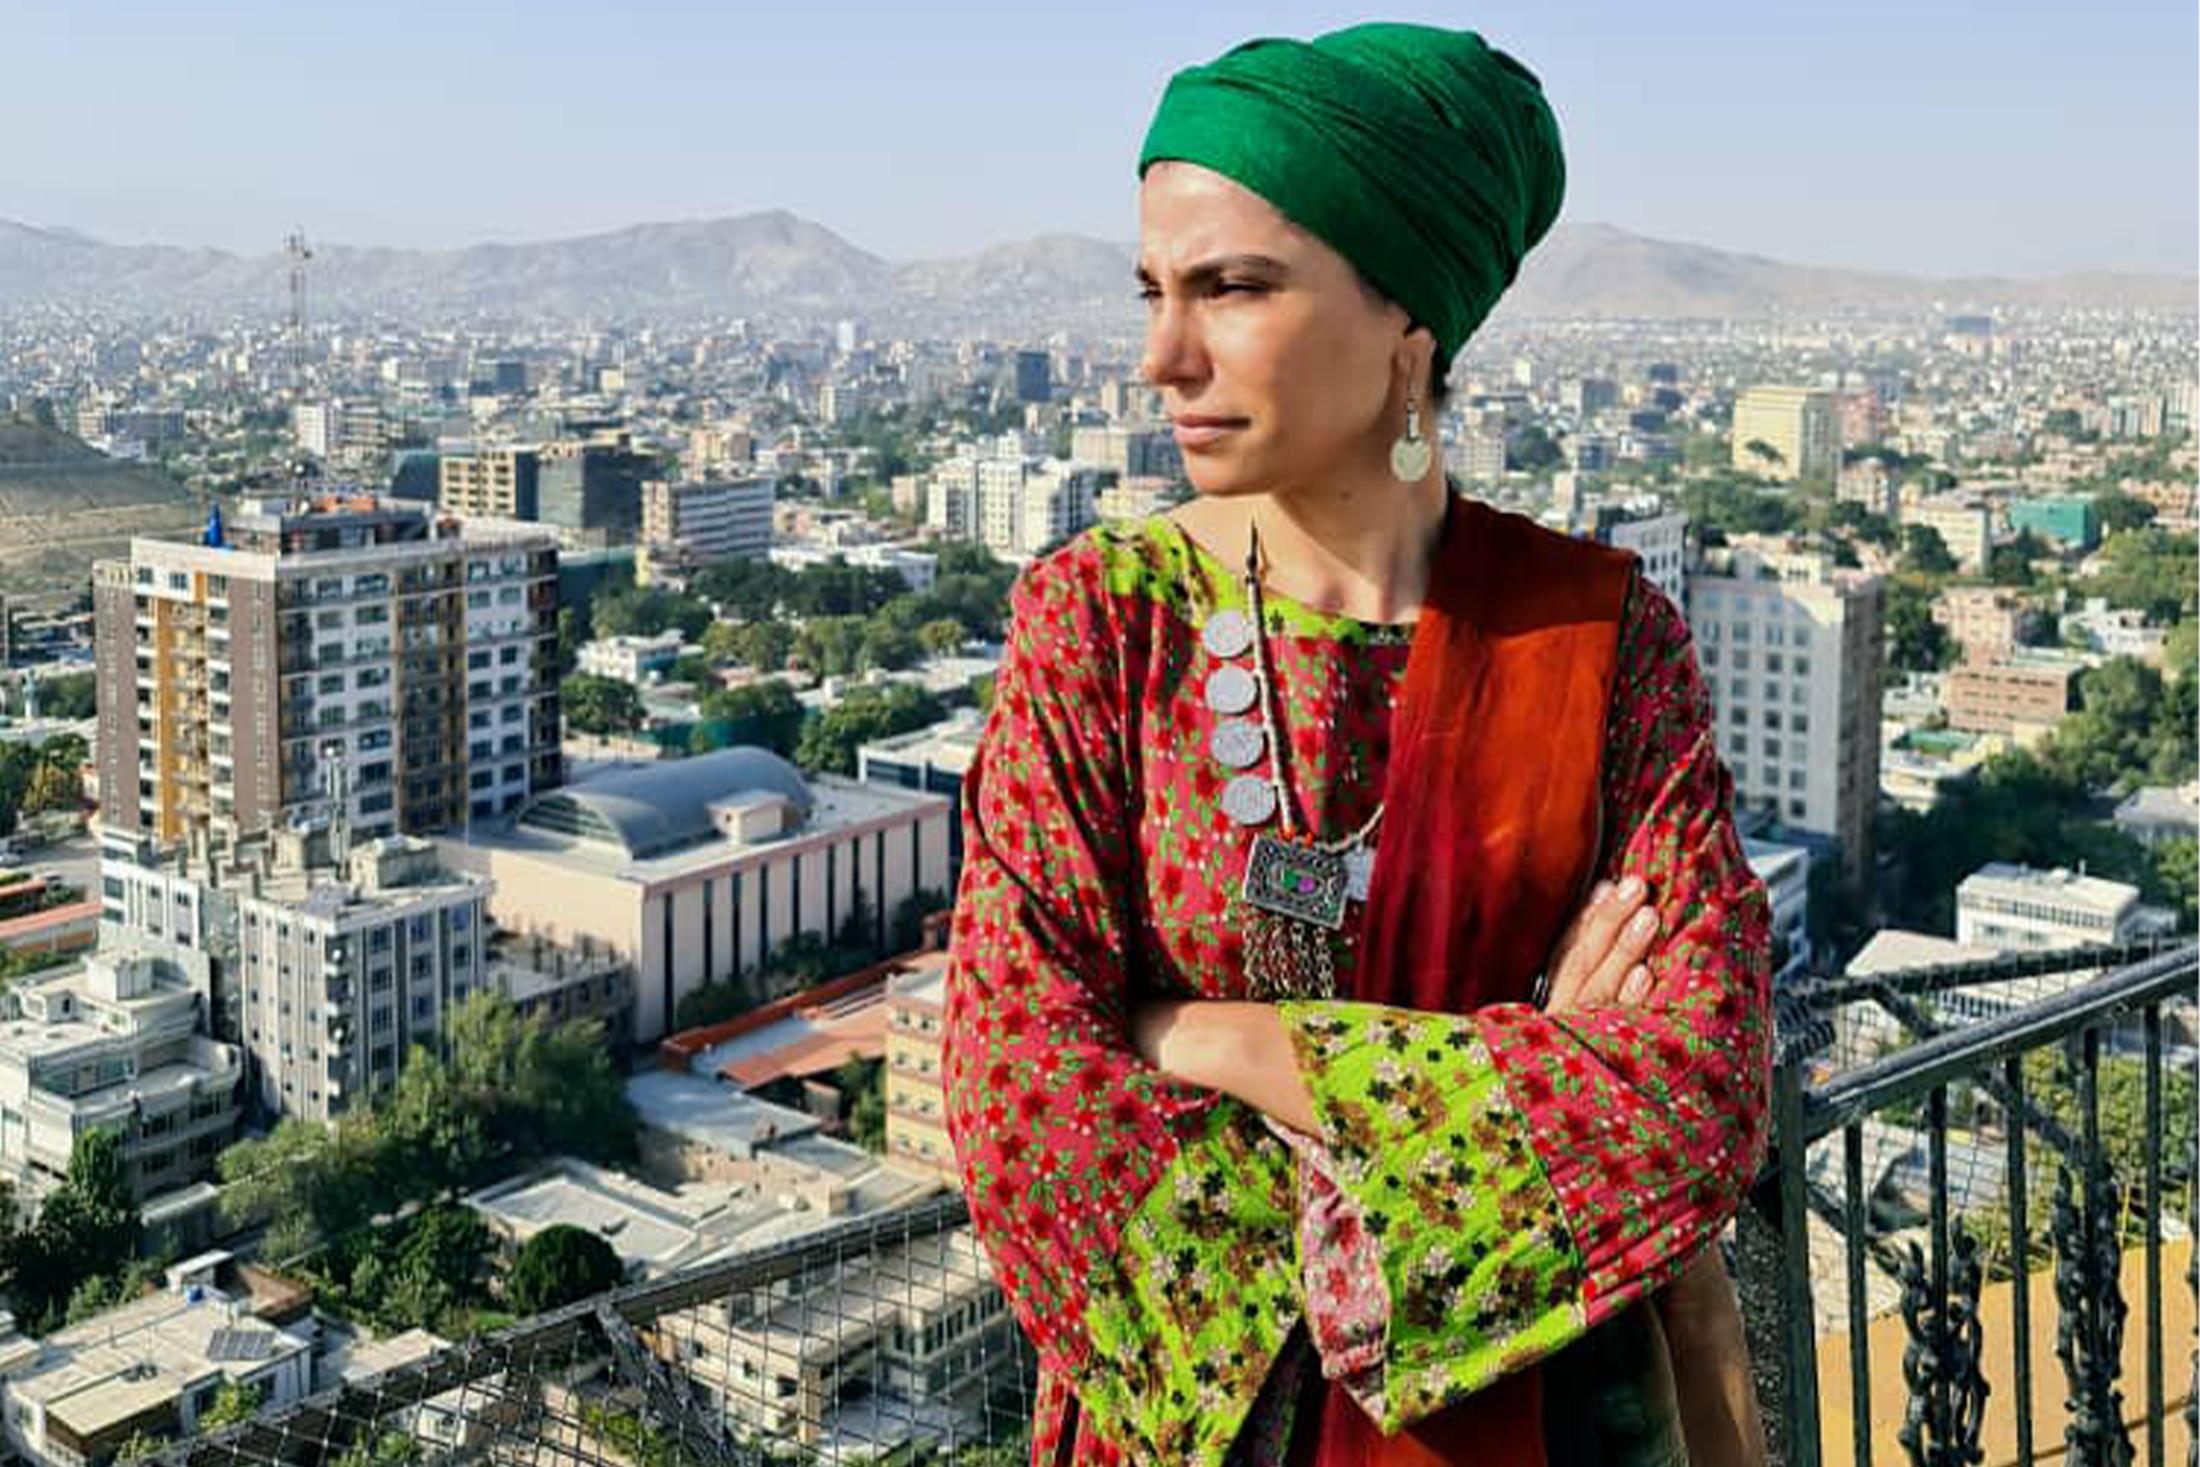 Nadima se pergunta o que o futuro reserva para as mulheres no Afeganistão e questiona por que a maioria dos homens não está com elas para falar por seus direitos [Photo courtesy of Nadima]